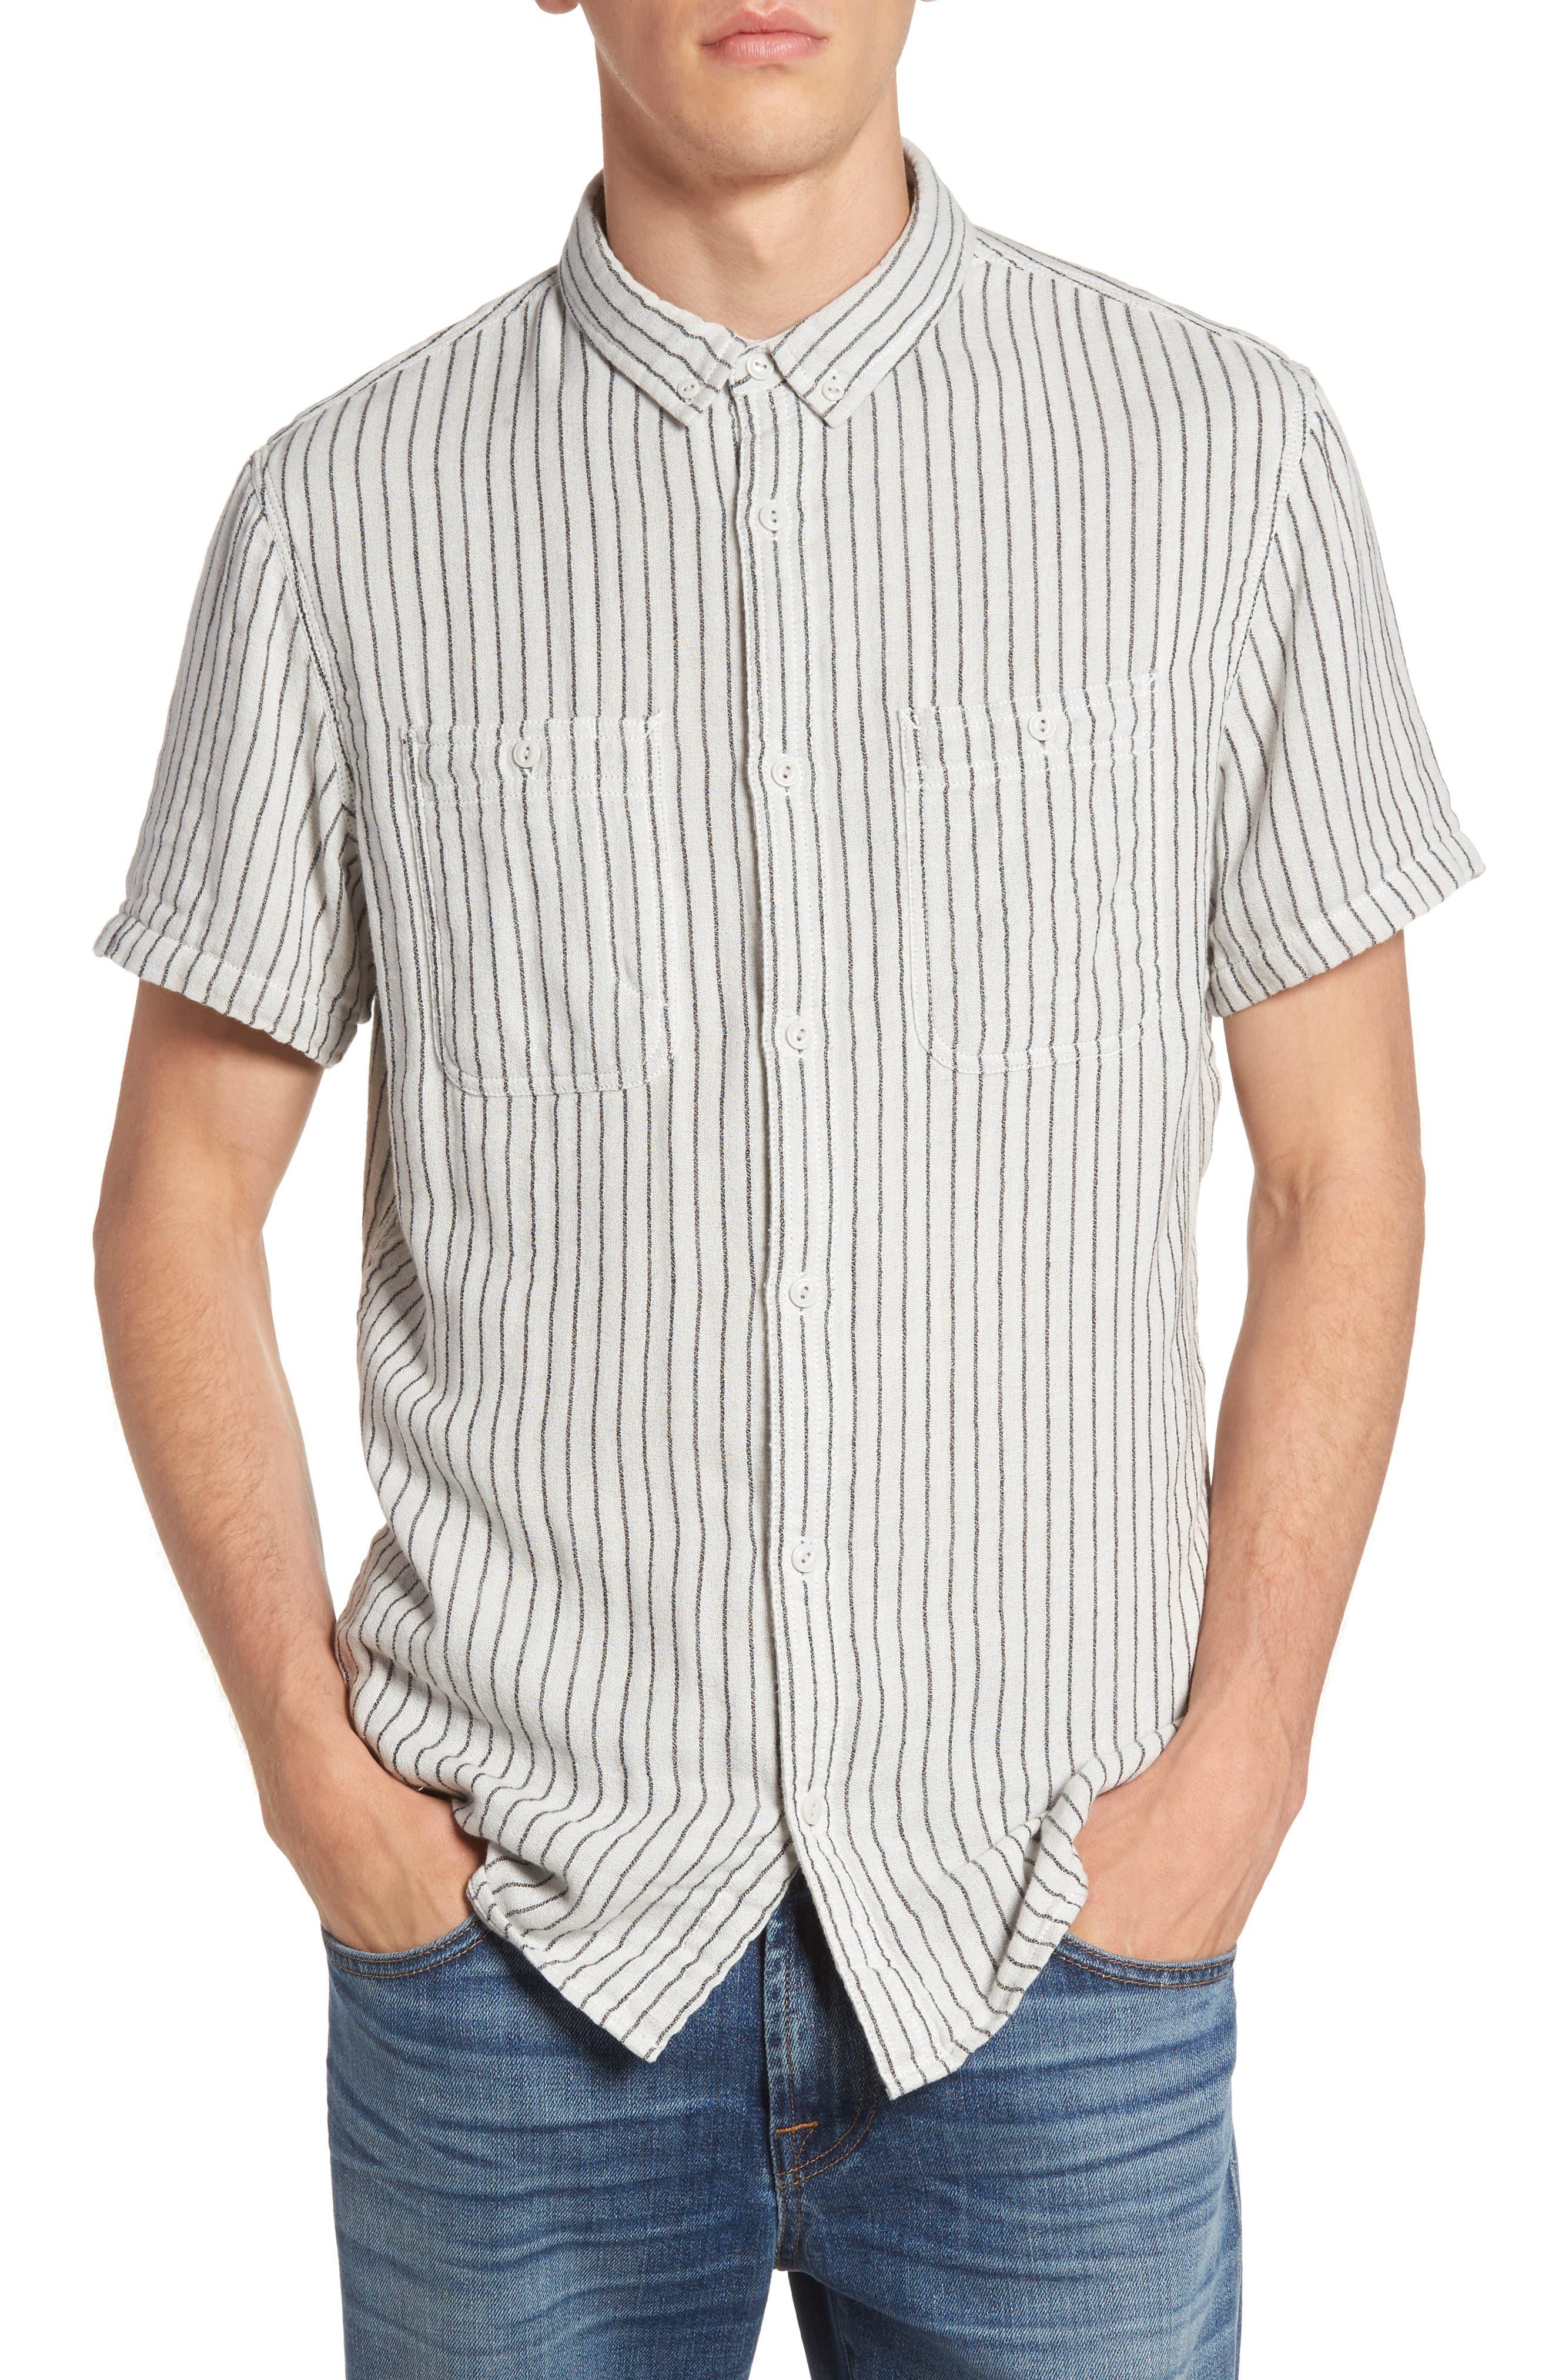 Treasure & Bond Katmai Shirt